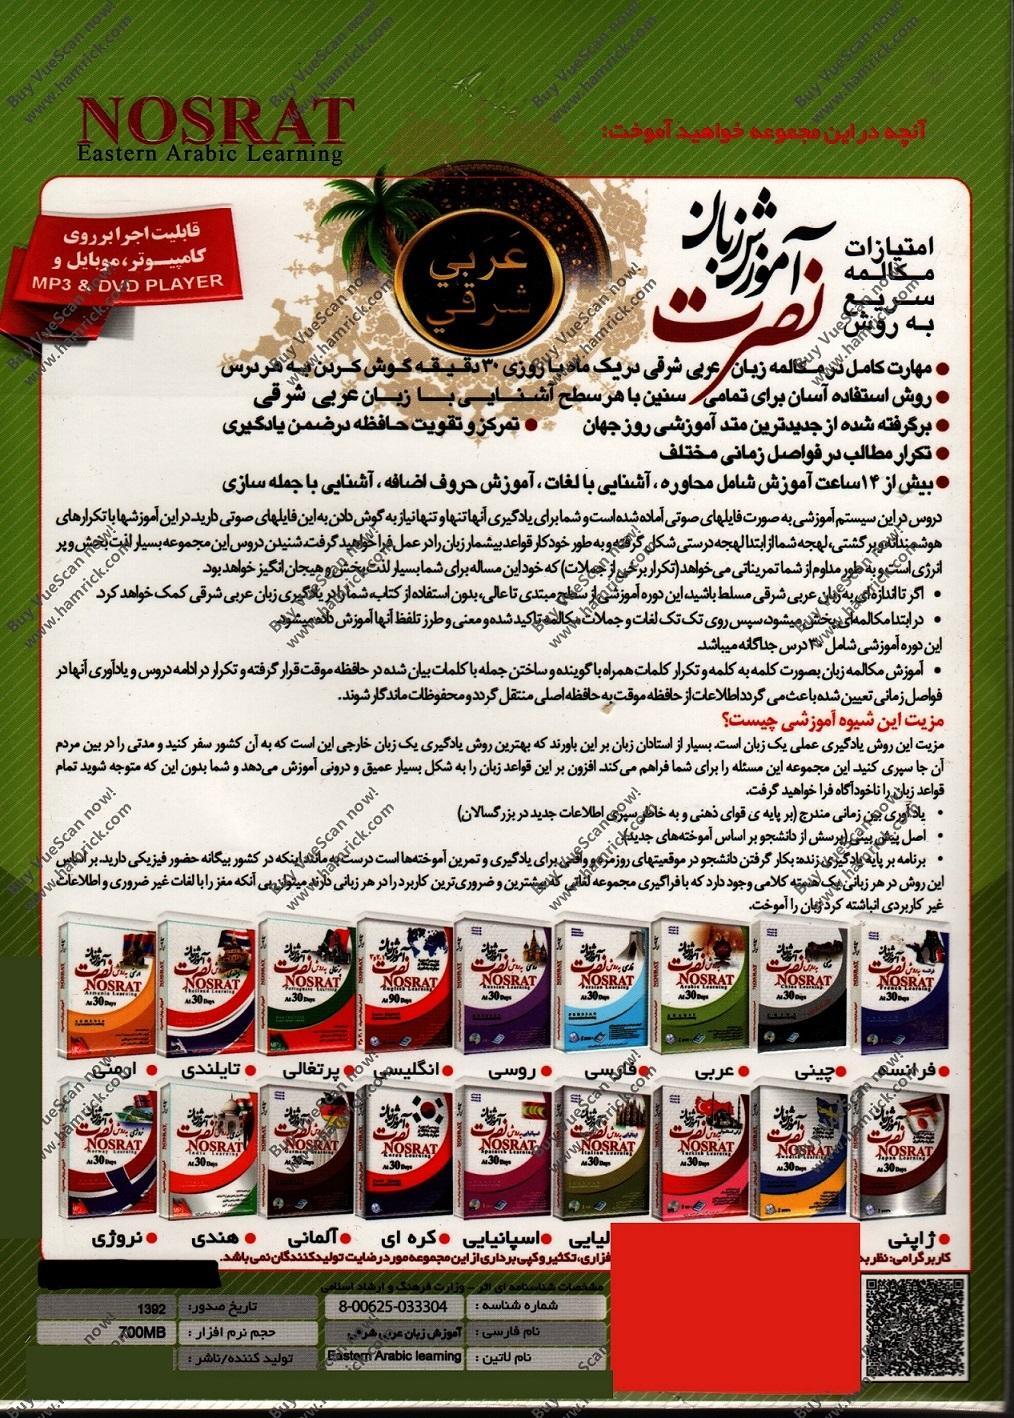 آموزش زبان به روش نصرت در 30 روز - عربی شرقی - اورجینال